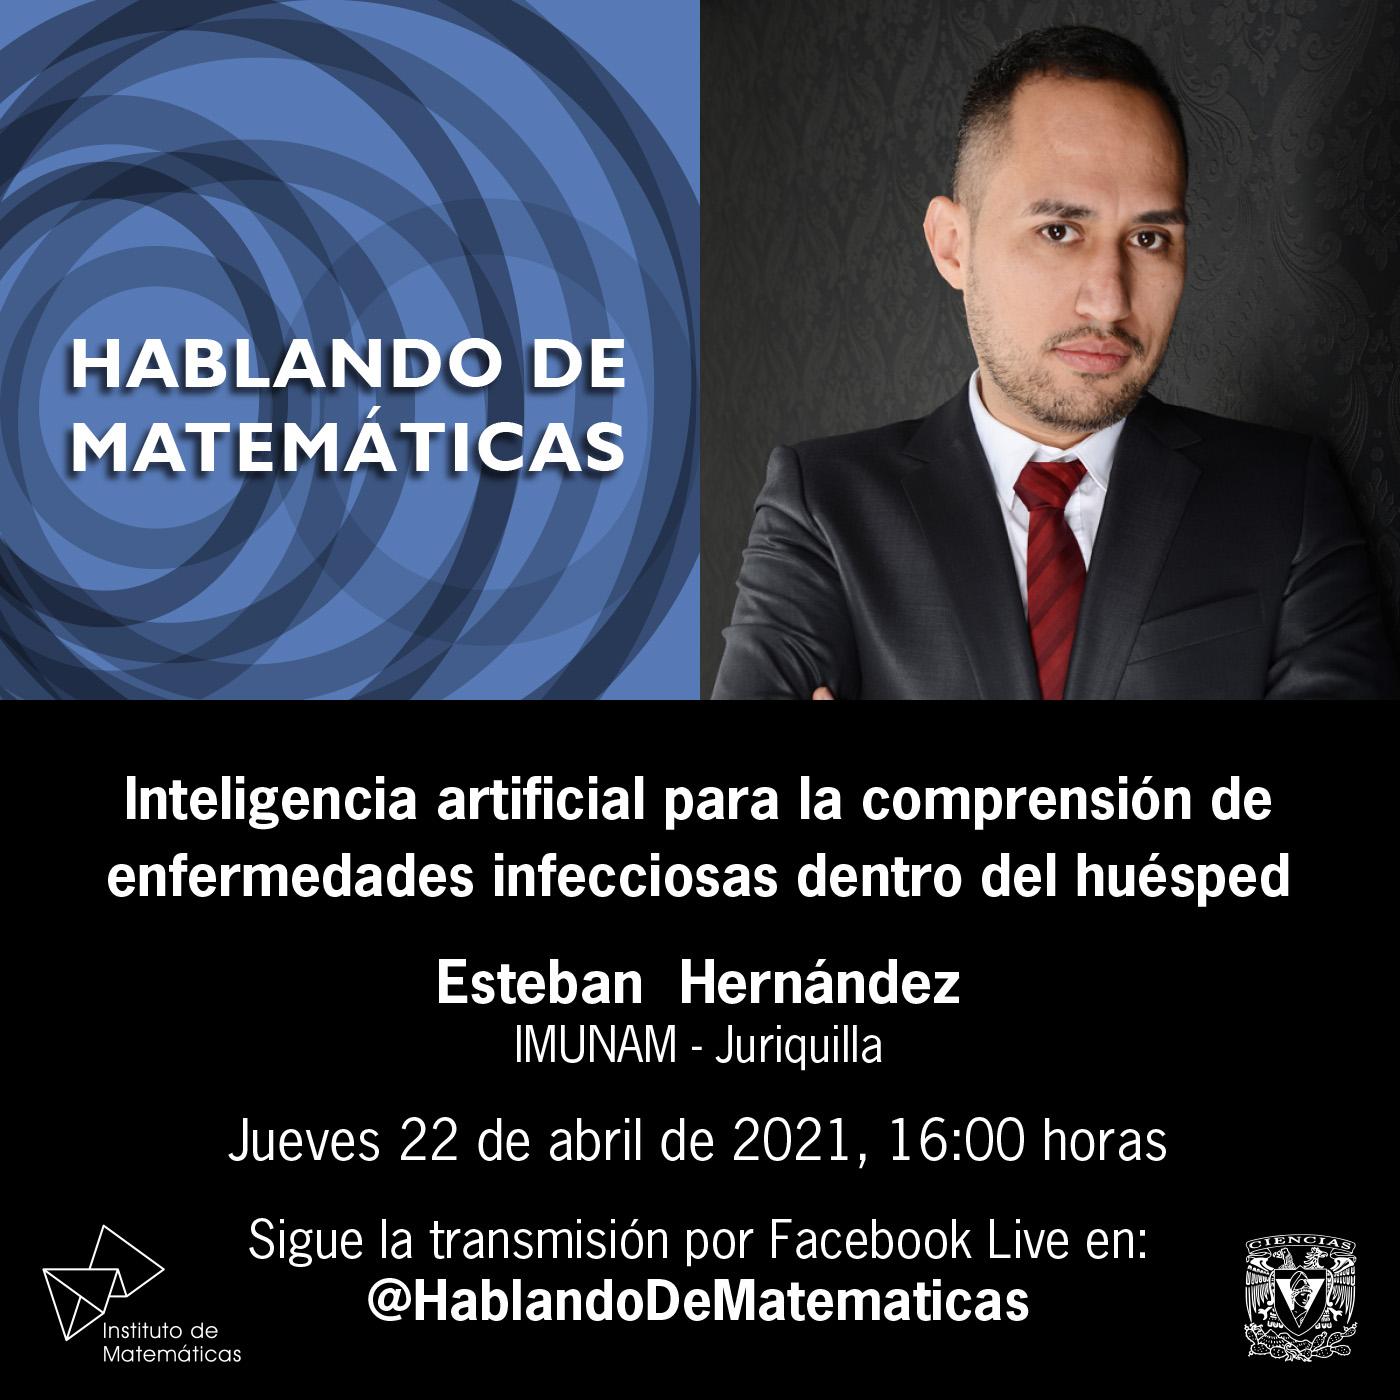 Hablando de Matemáticas 22 abril